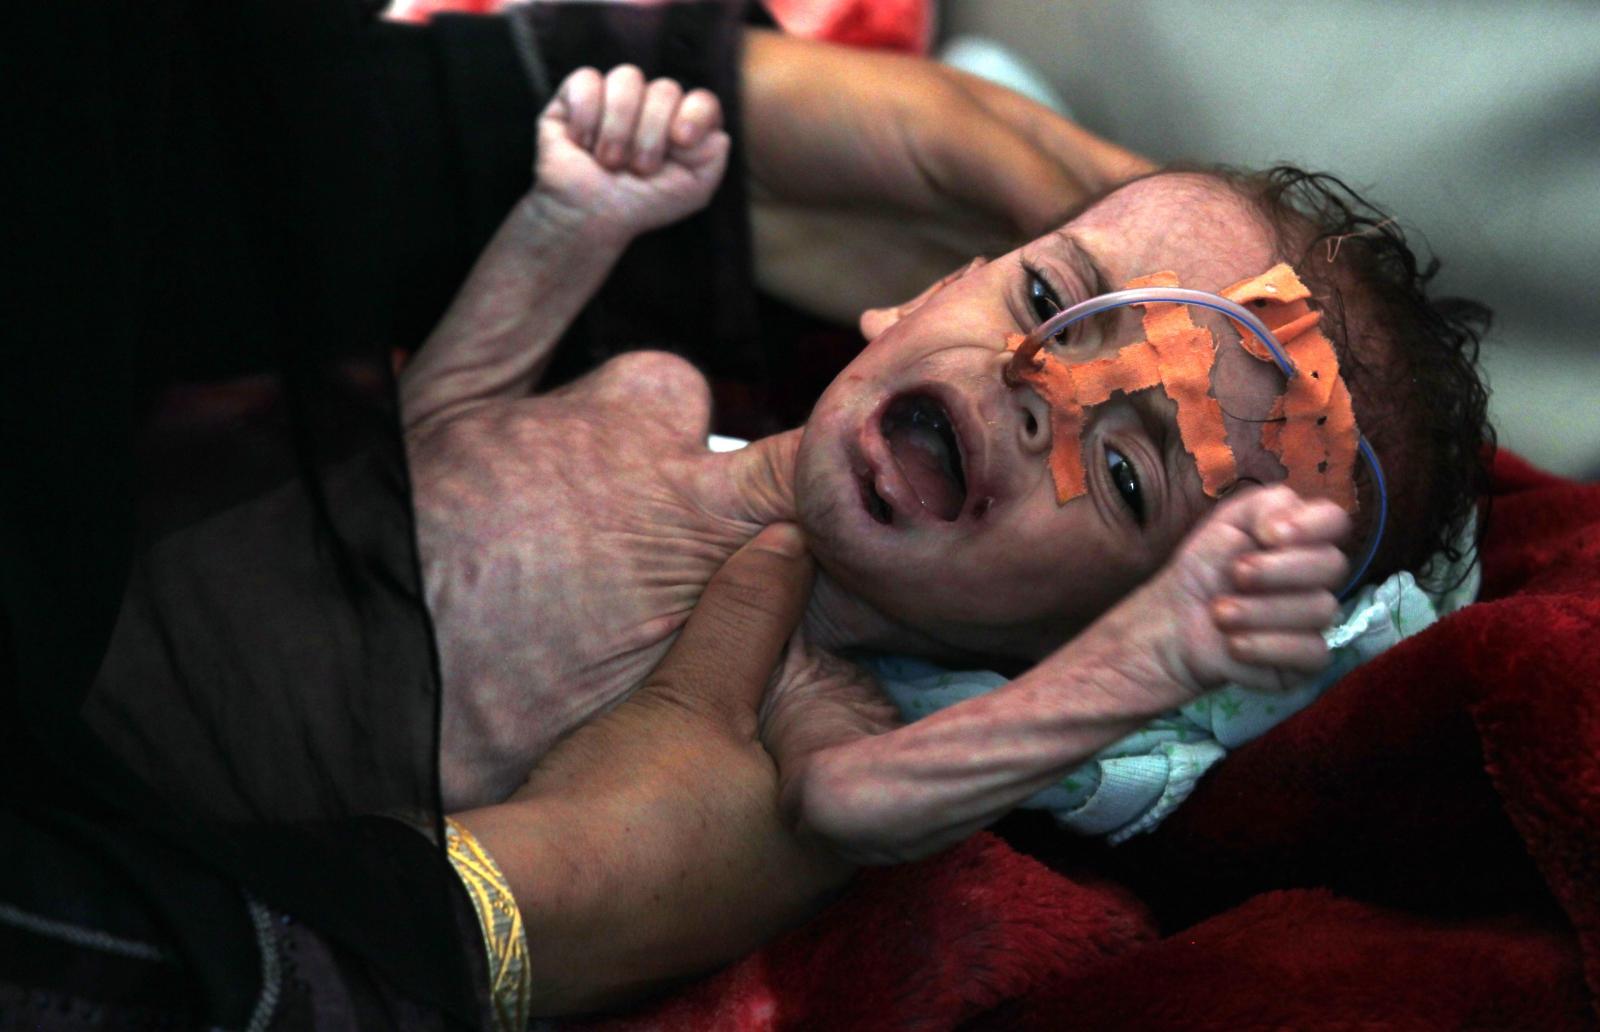 Niedożywione dziecko leczone z racji pogarszających się warunków życiowych, Sana, Jemen.